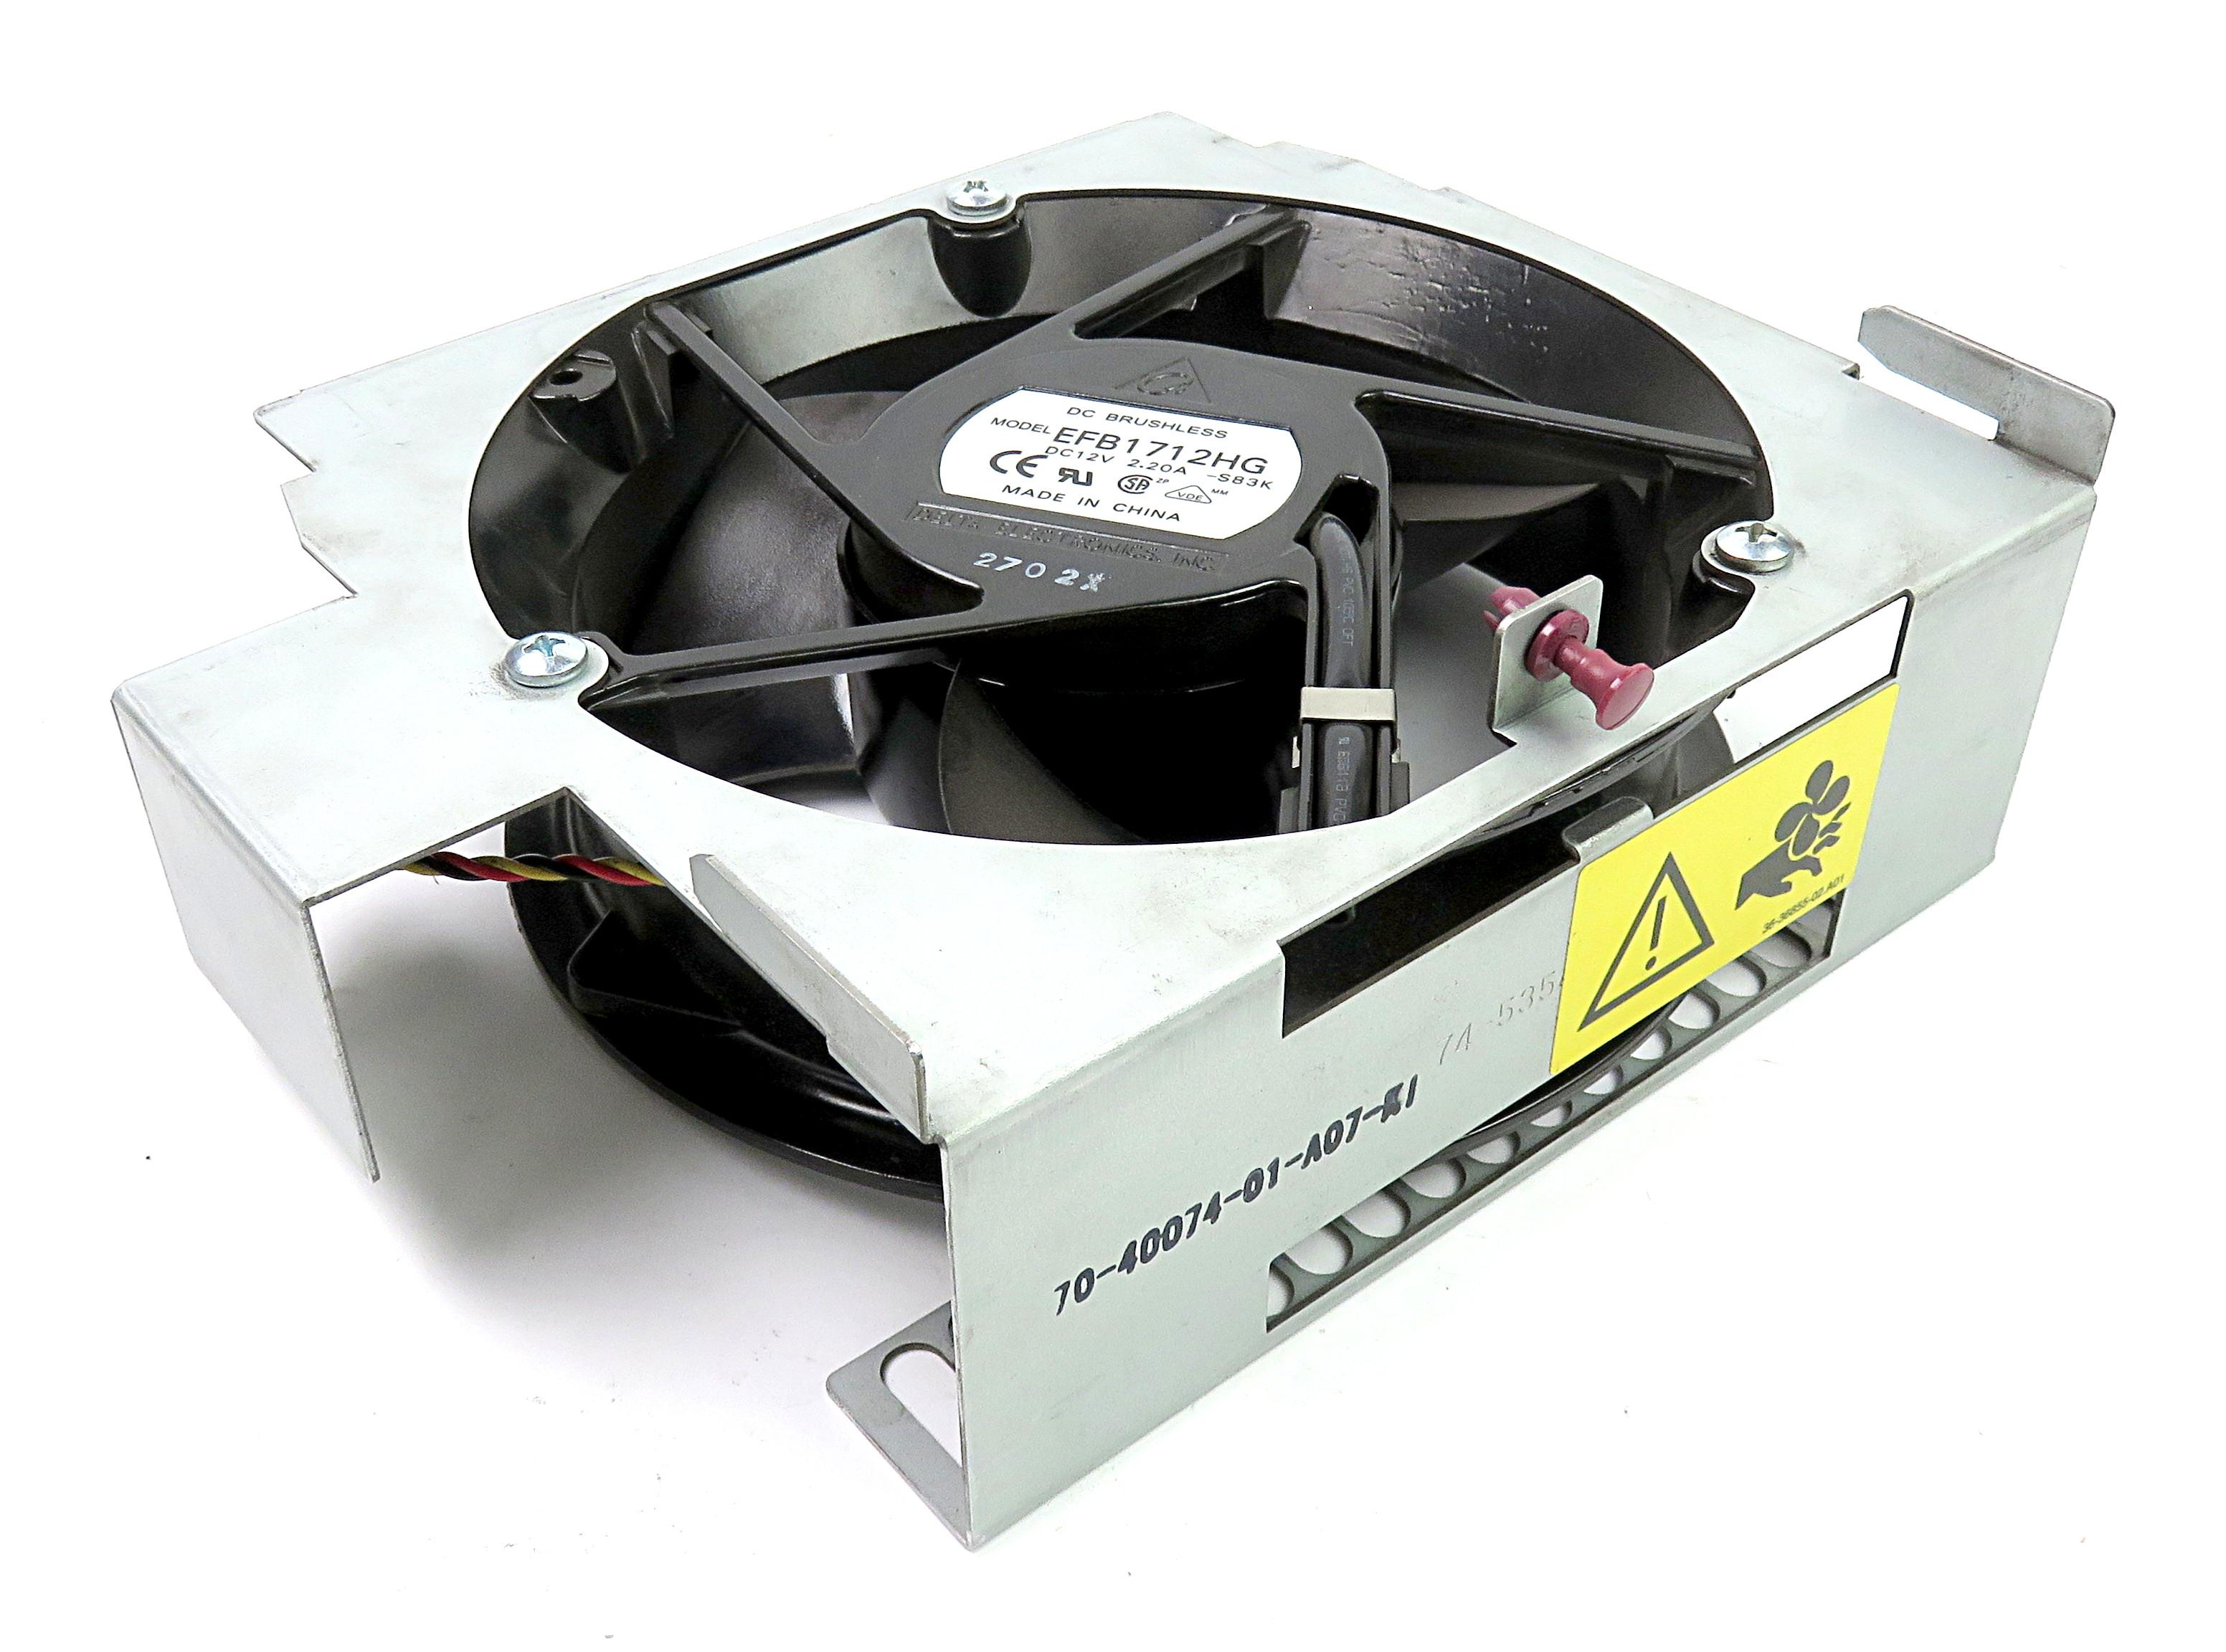 HP DEC Alphaserver ES45 Intake Fan Assembly 70-40074-01-A07-KI